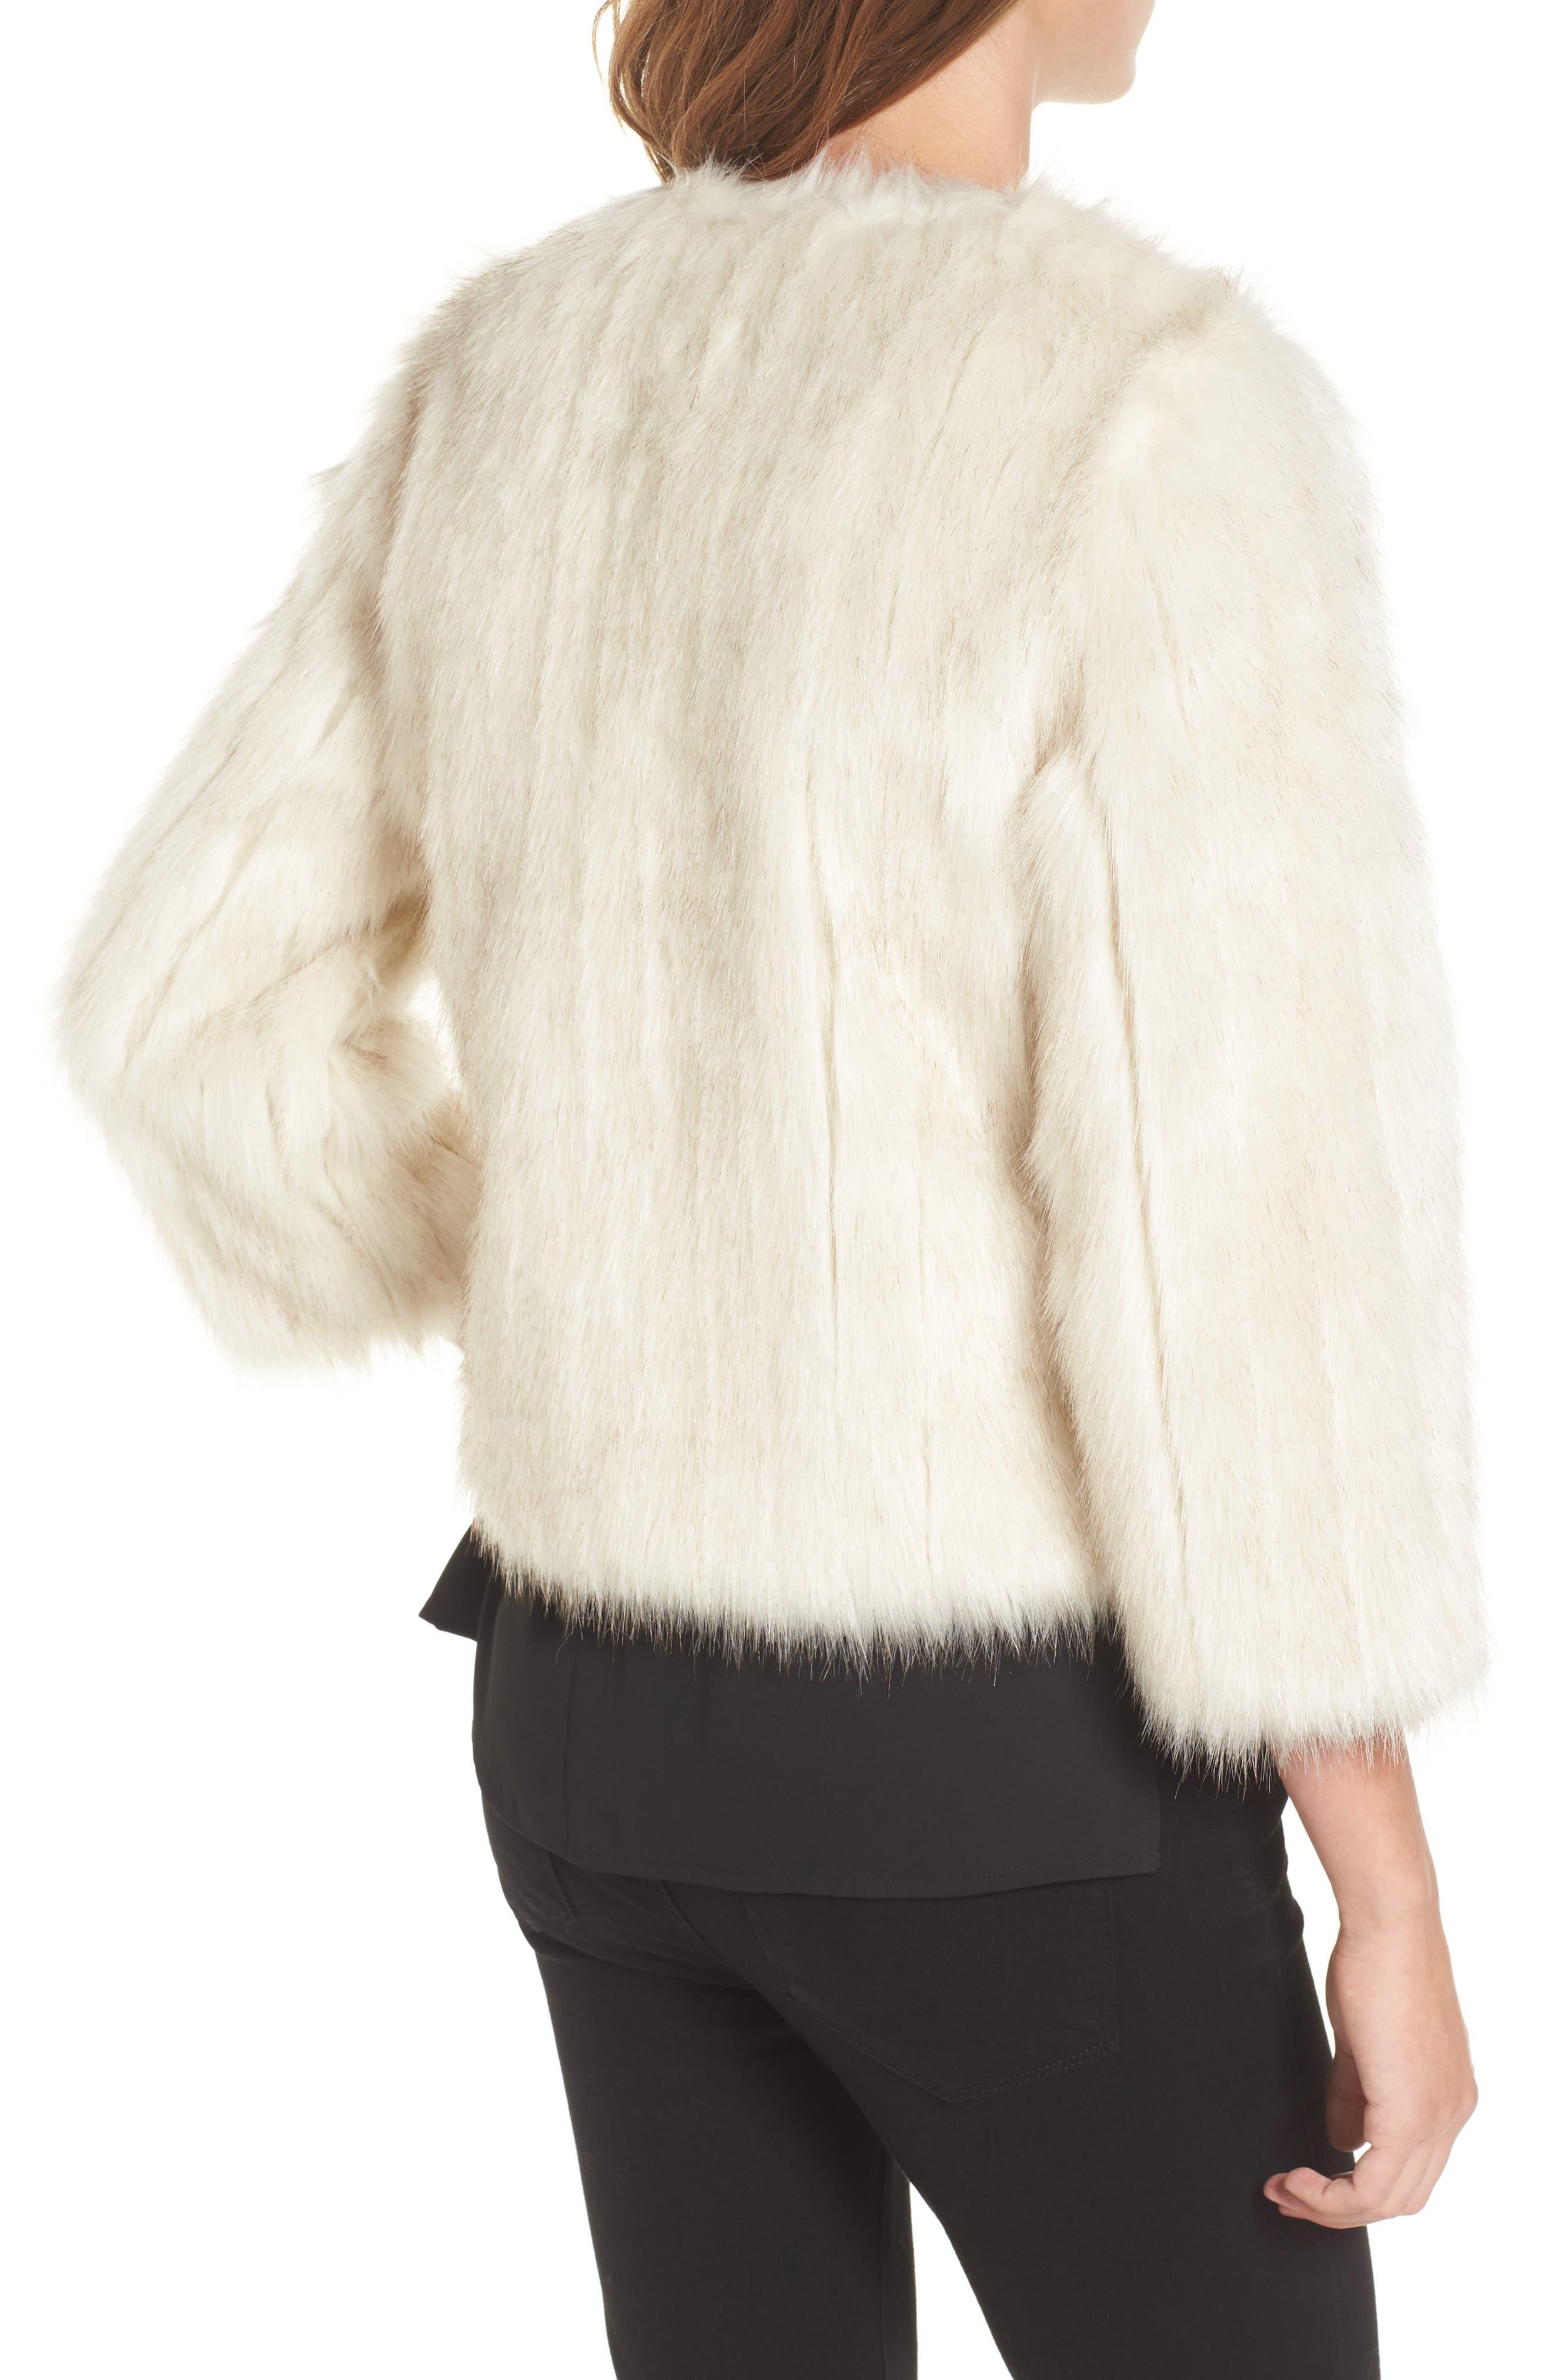 Winter Faux Fur Jacket,                             Alternate thumbnail 2, color,